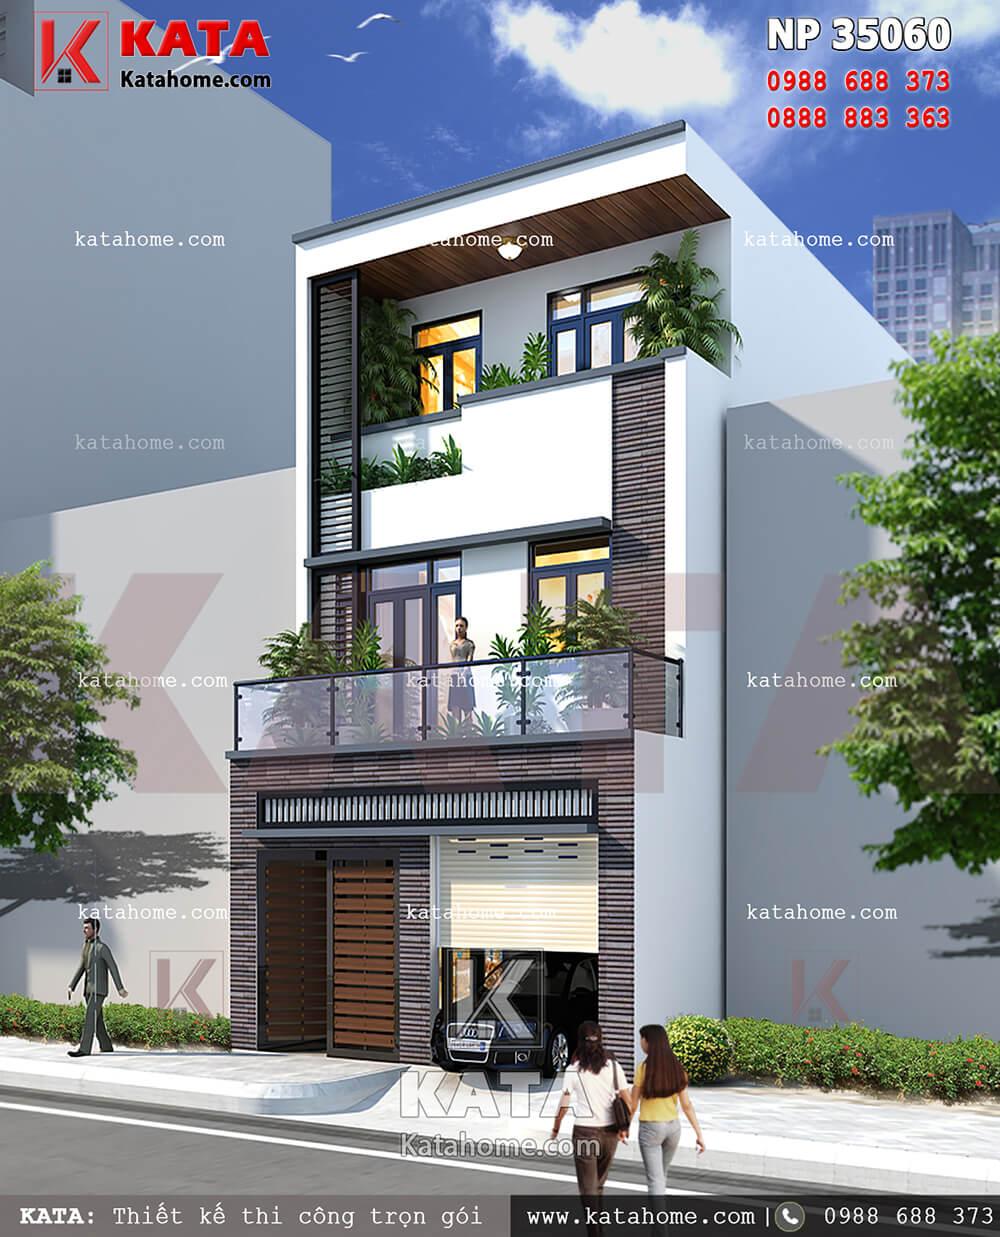 Tổng quan kiến trúc hiện đại của mẫu nhà 3 tầng đẹp có gara